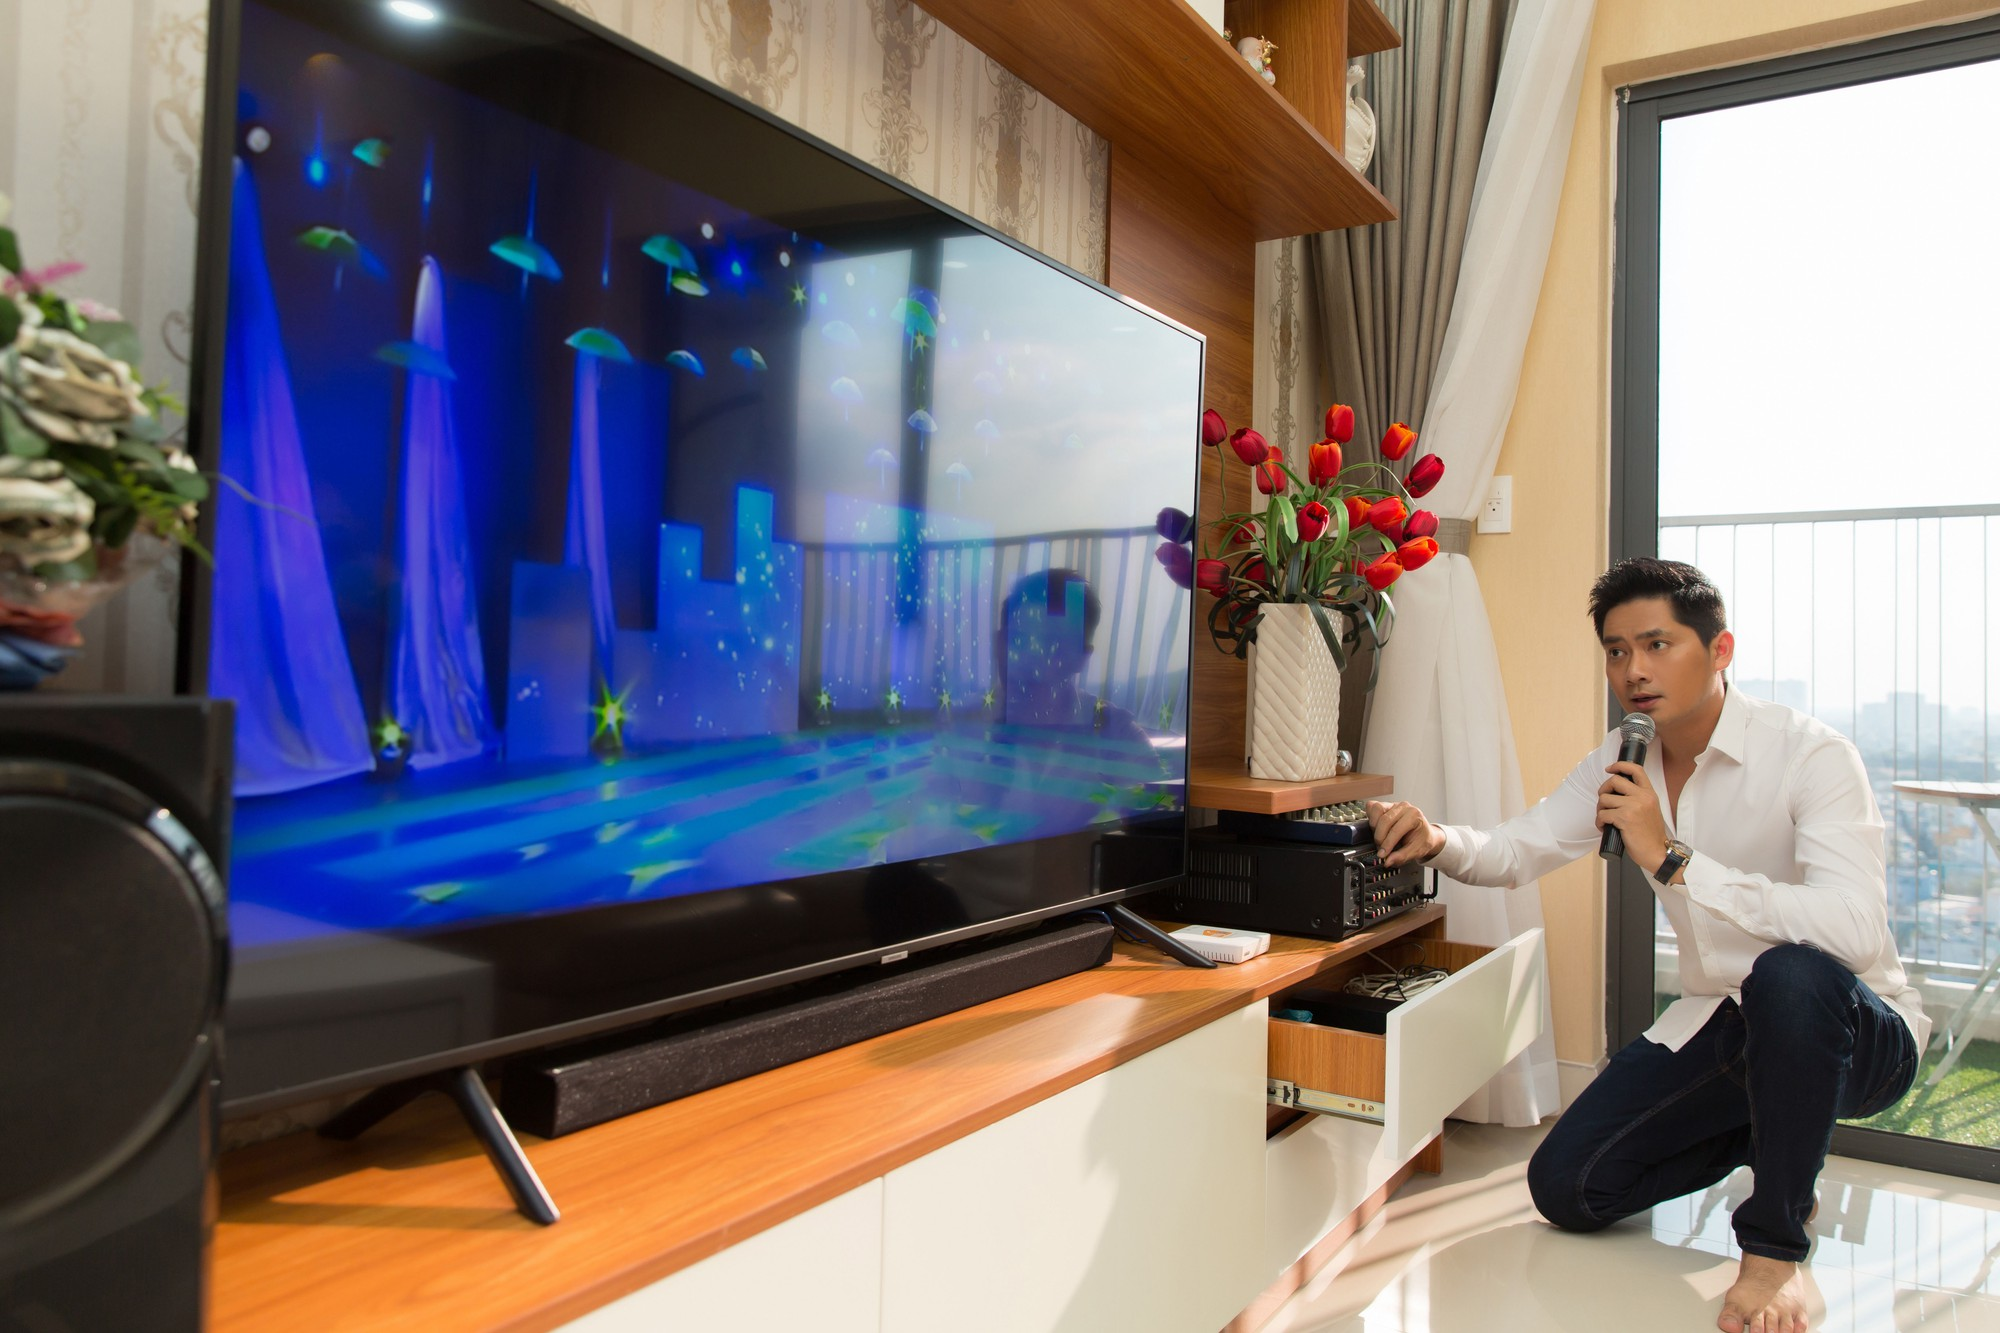 Diễn viên Minh Luân tự hào khoe căn hộ rộng 100 m2 sau 10 năm lập nghiệp ở TP HCM - Hình 9